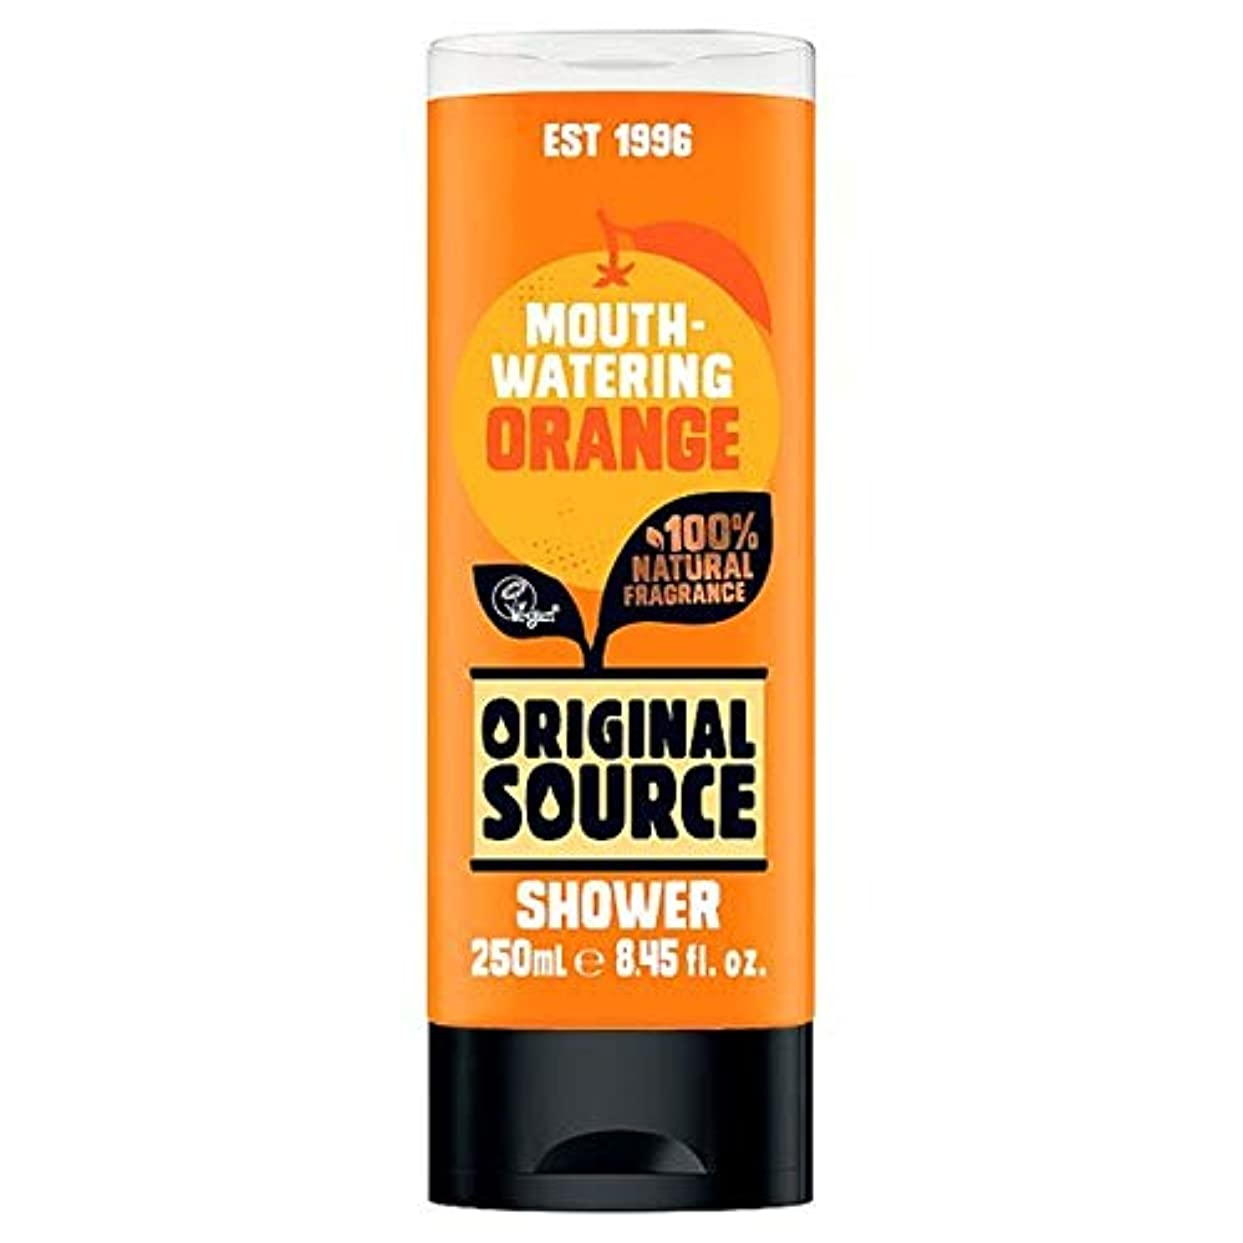 余分なつぶすメイン[Original Source ] 元のソースオレンジシャワージェル250ミリリットル - Original Source Orange Shower Gel 250Ml [並行輸入品]